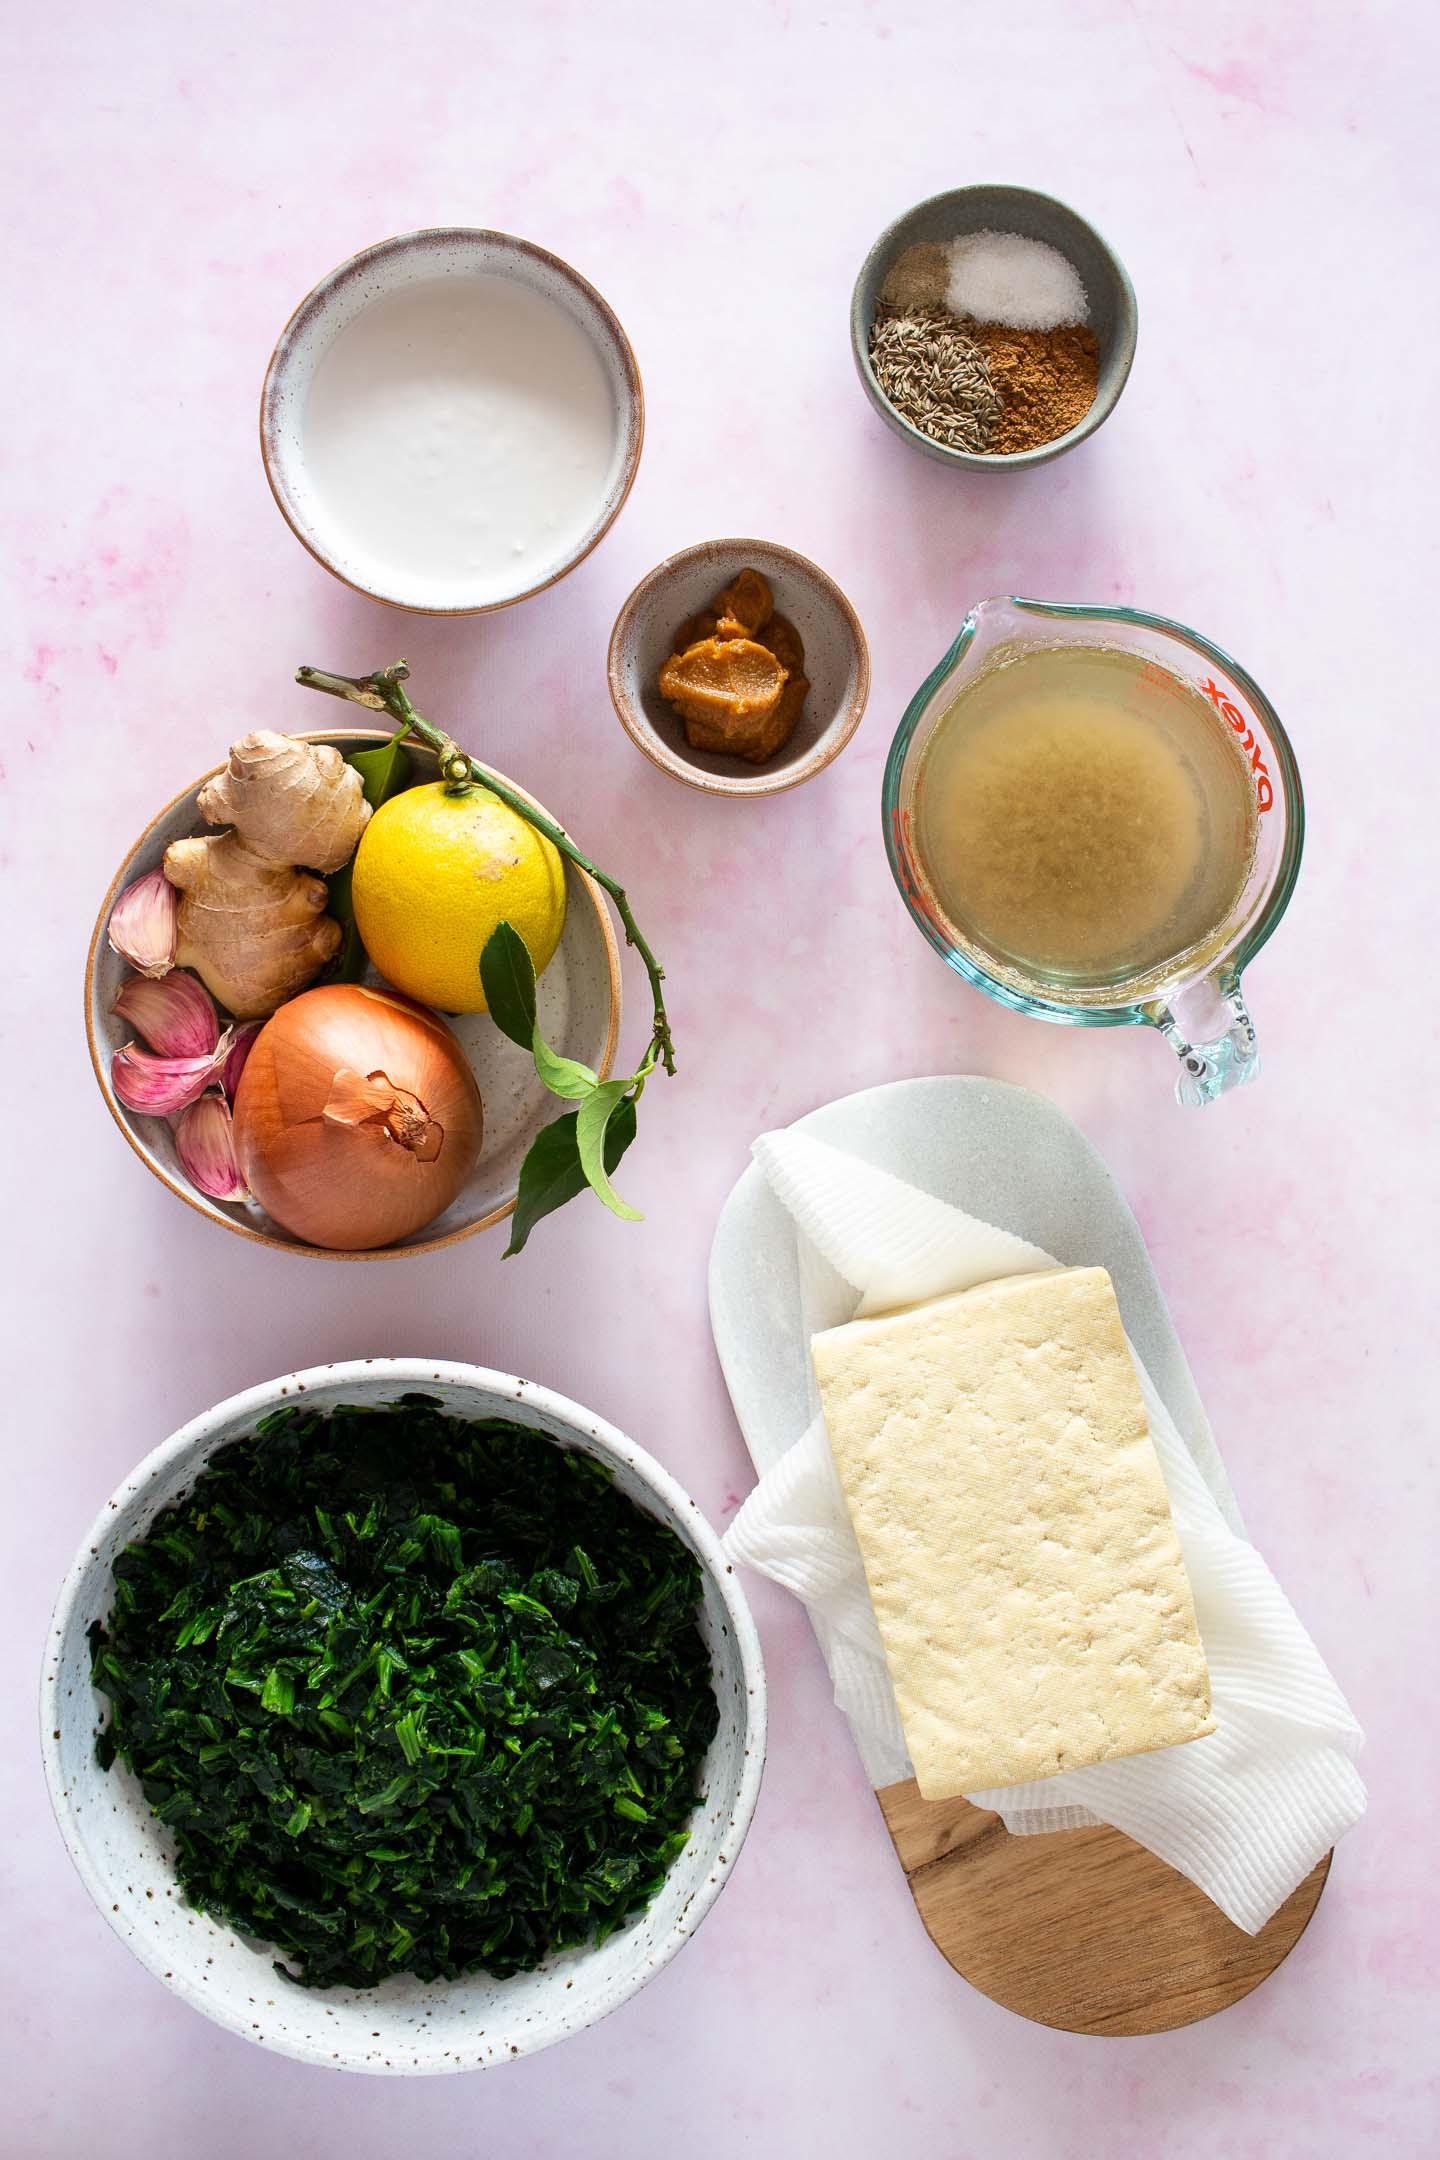 Dairy free Palak Paneer ingredients gathered before cooking